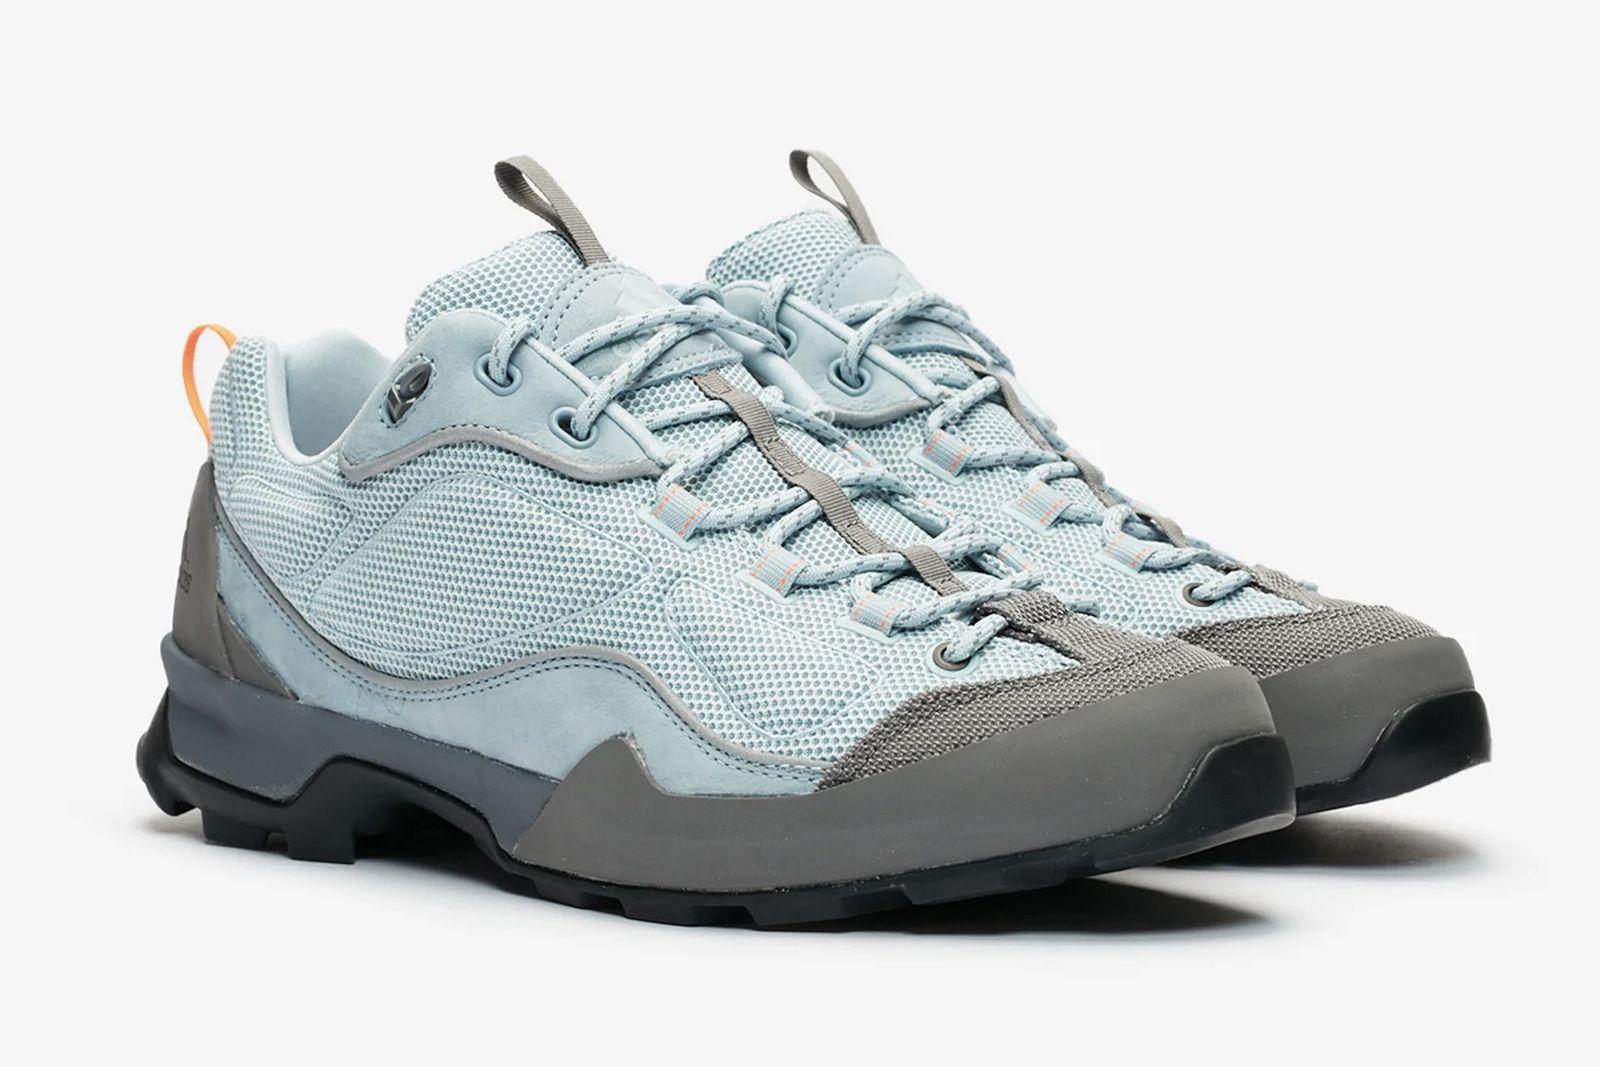 adidas-consortium-sahalex-release-date-price-02